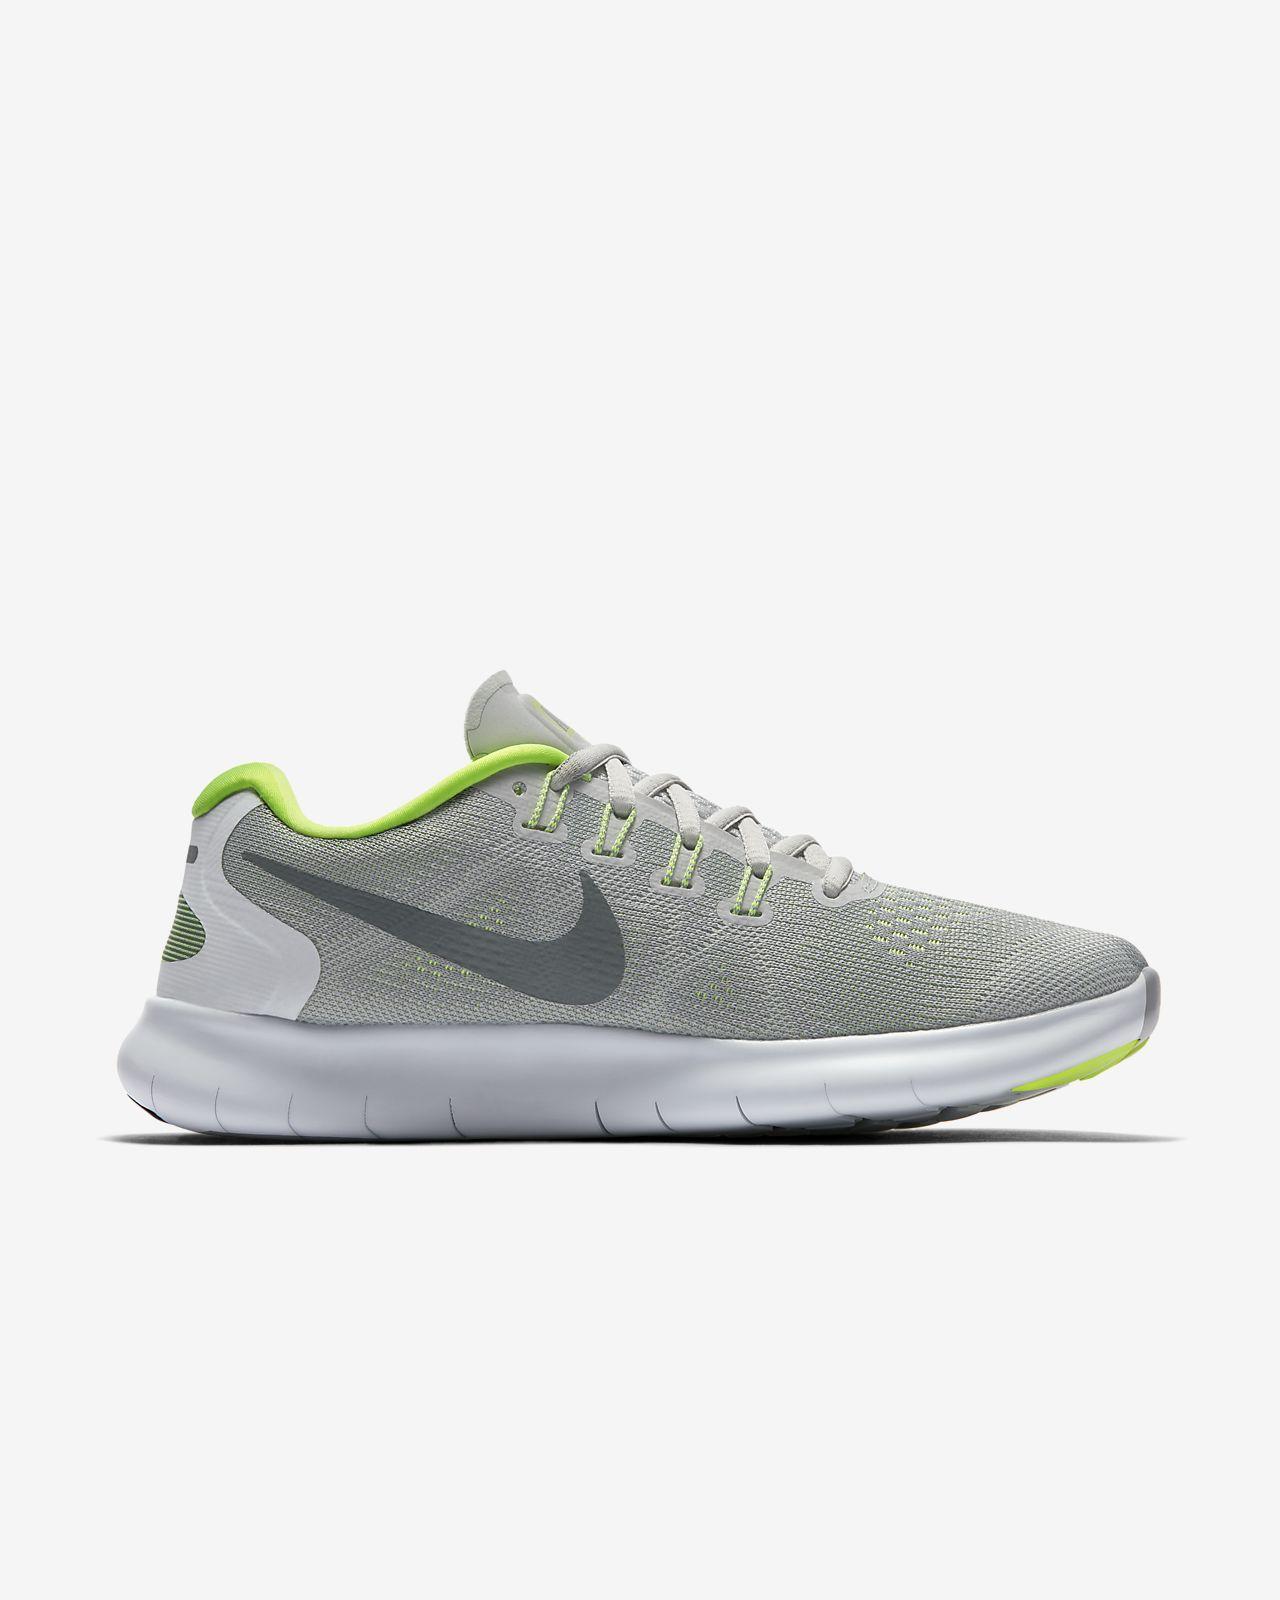 Nike WMNS Free RN 2017, Chaussures de Running Femme, Gris (Gris Loup/Gris Foncé/Platine Pur), 40.5 EU